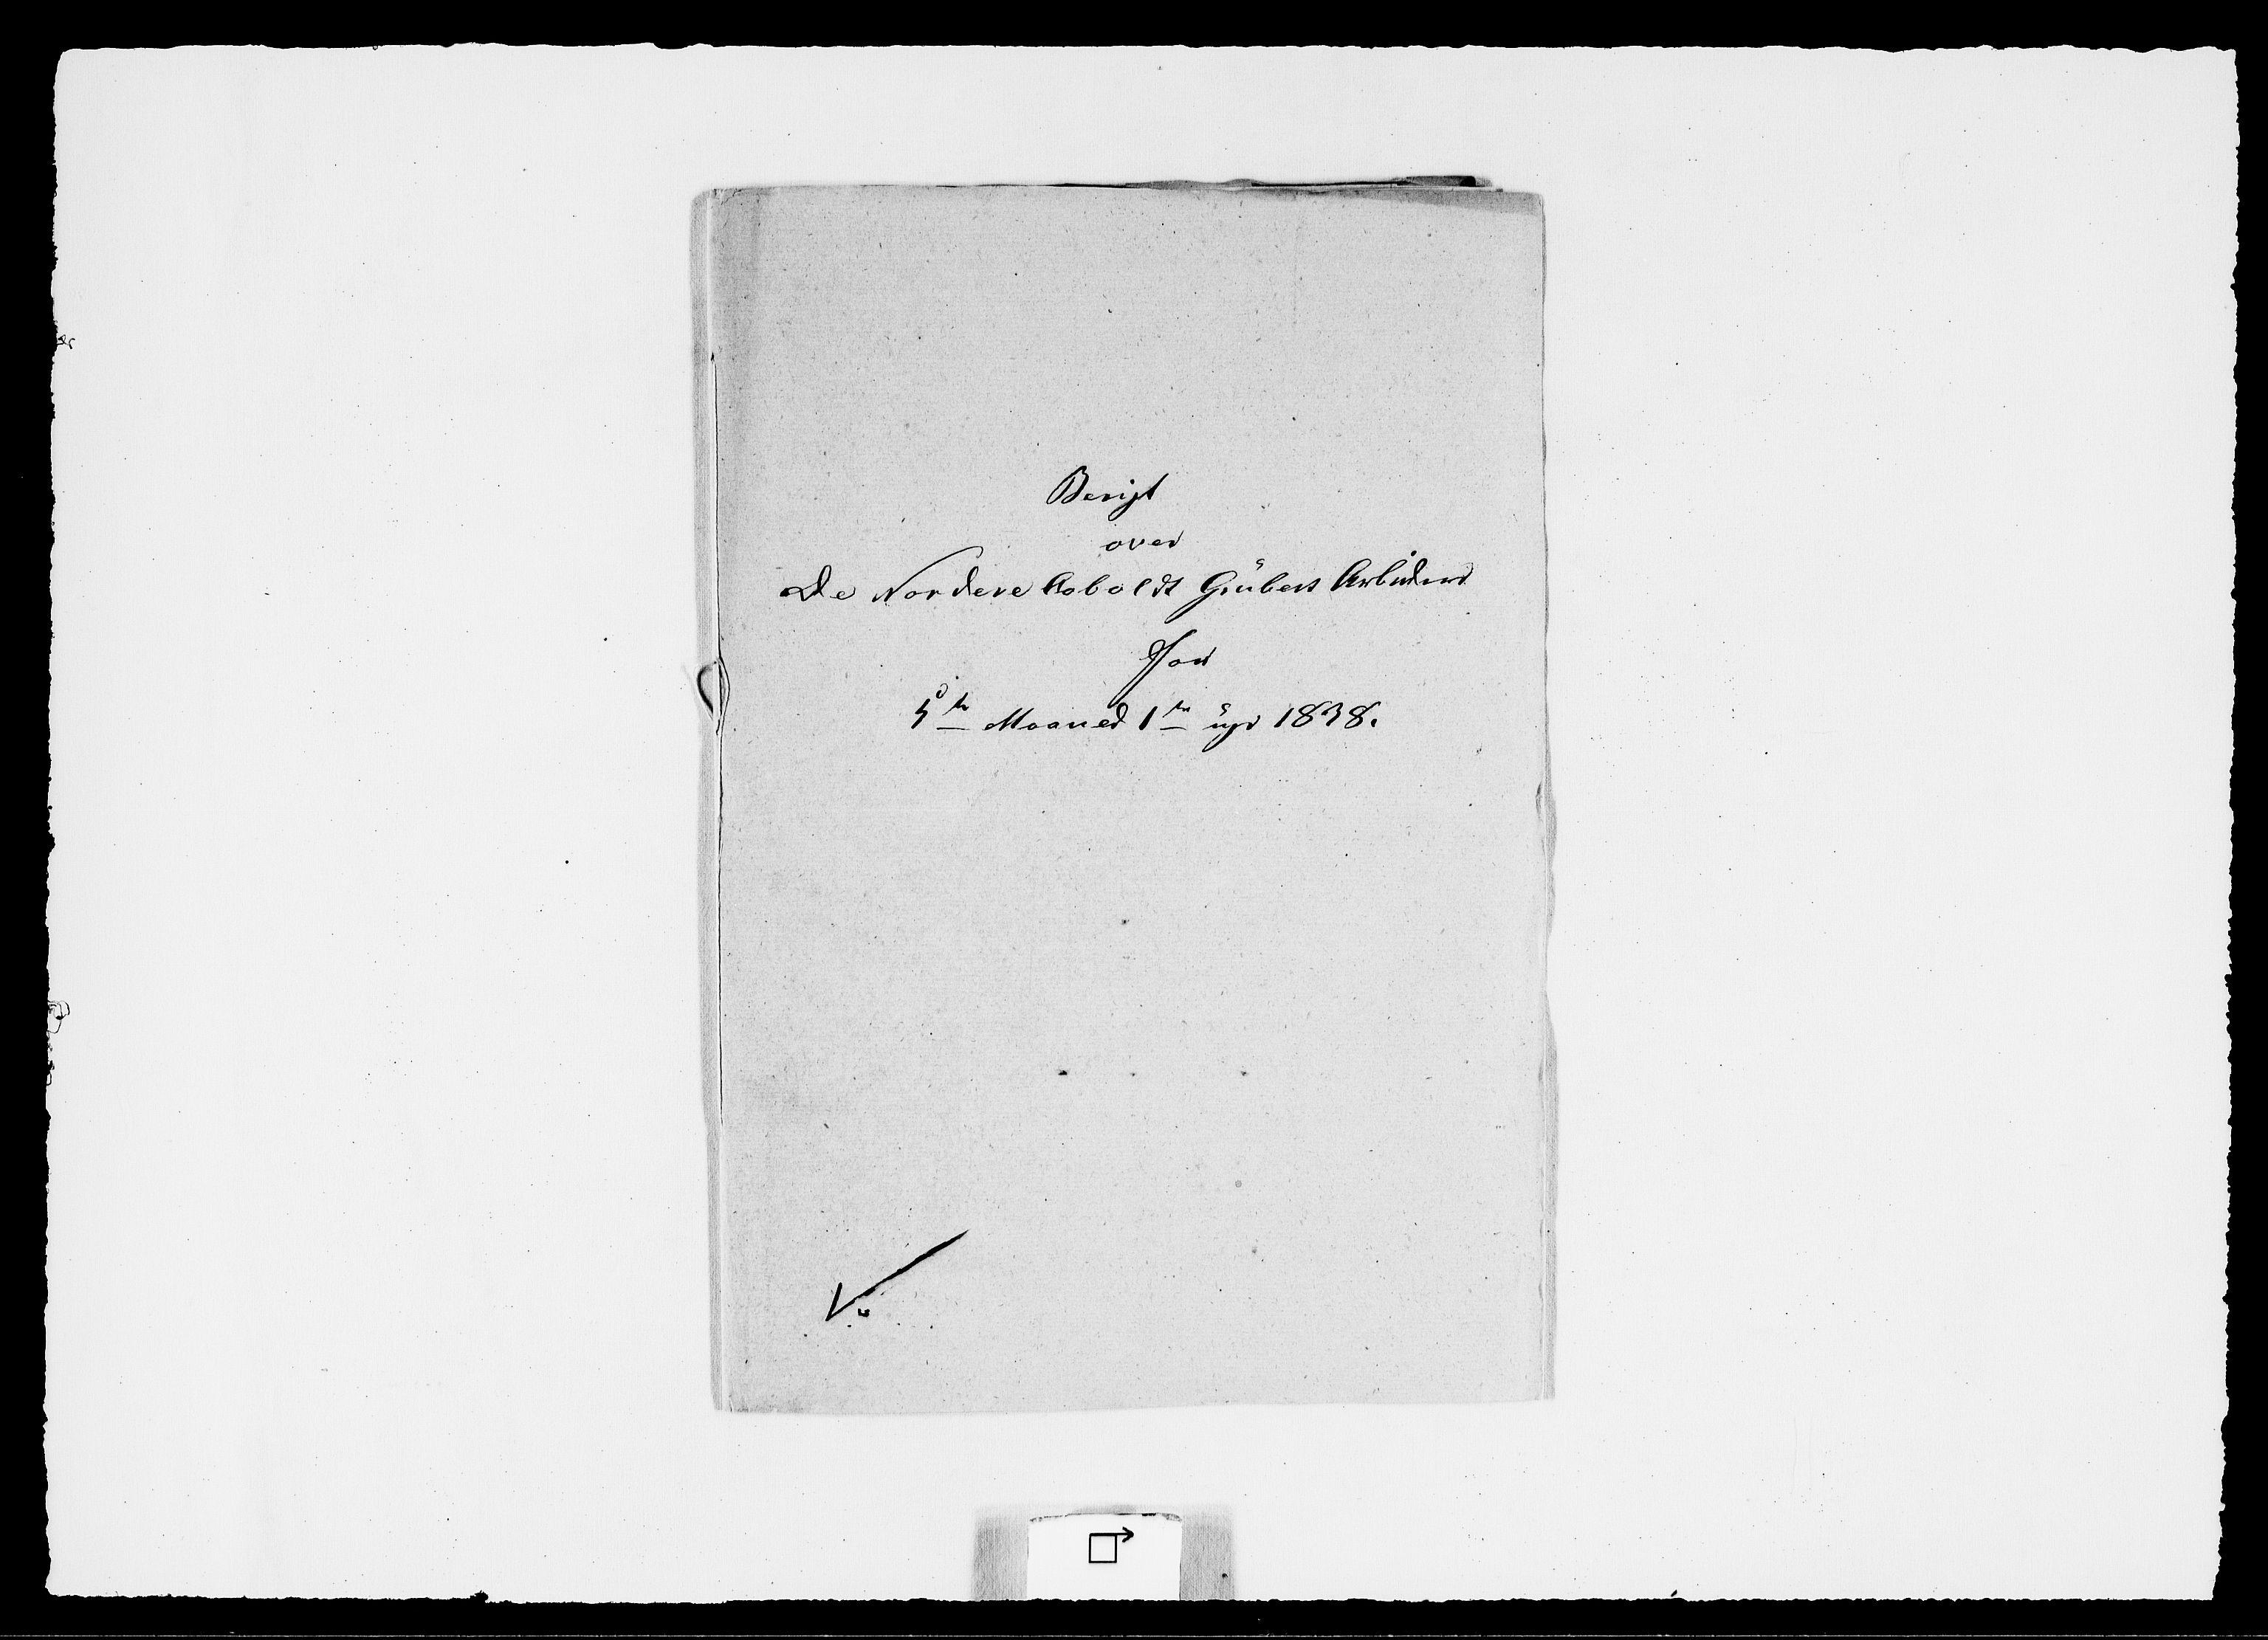 RA, Modums Blaafarveværk, G/Ge/L0354, 1838, s. 2